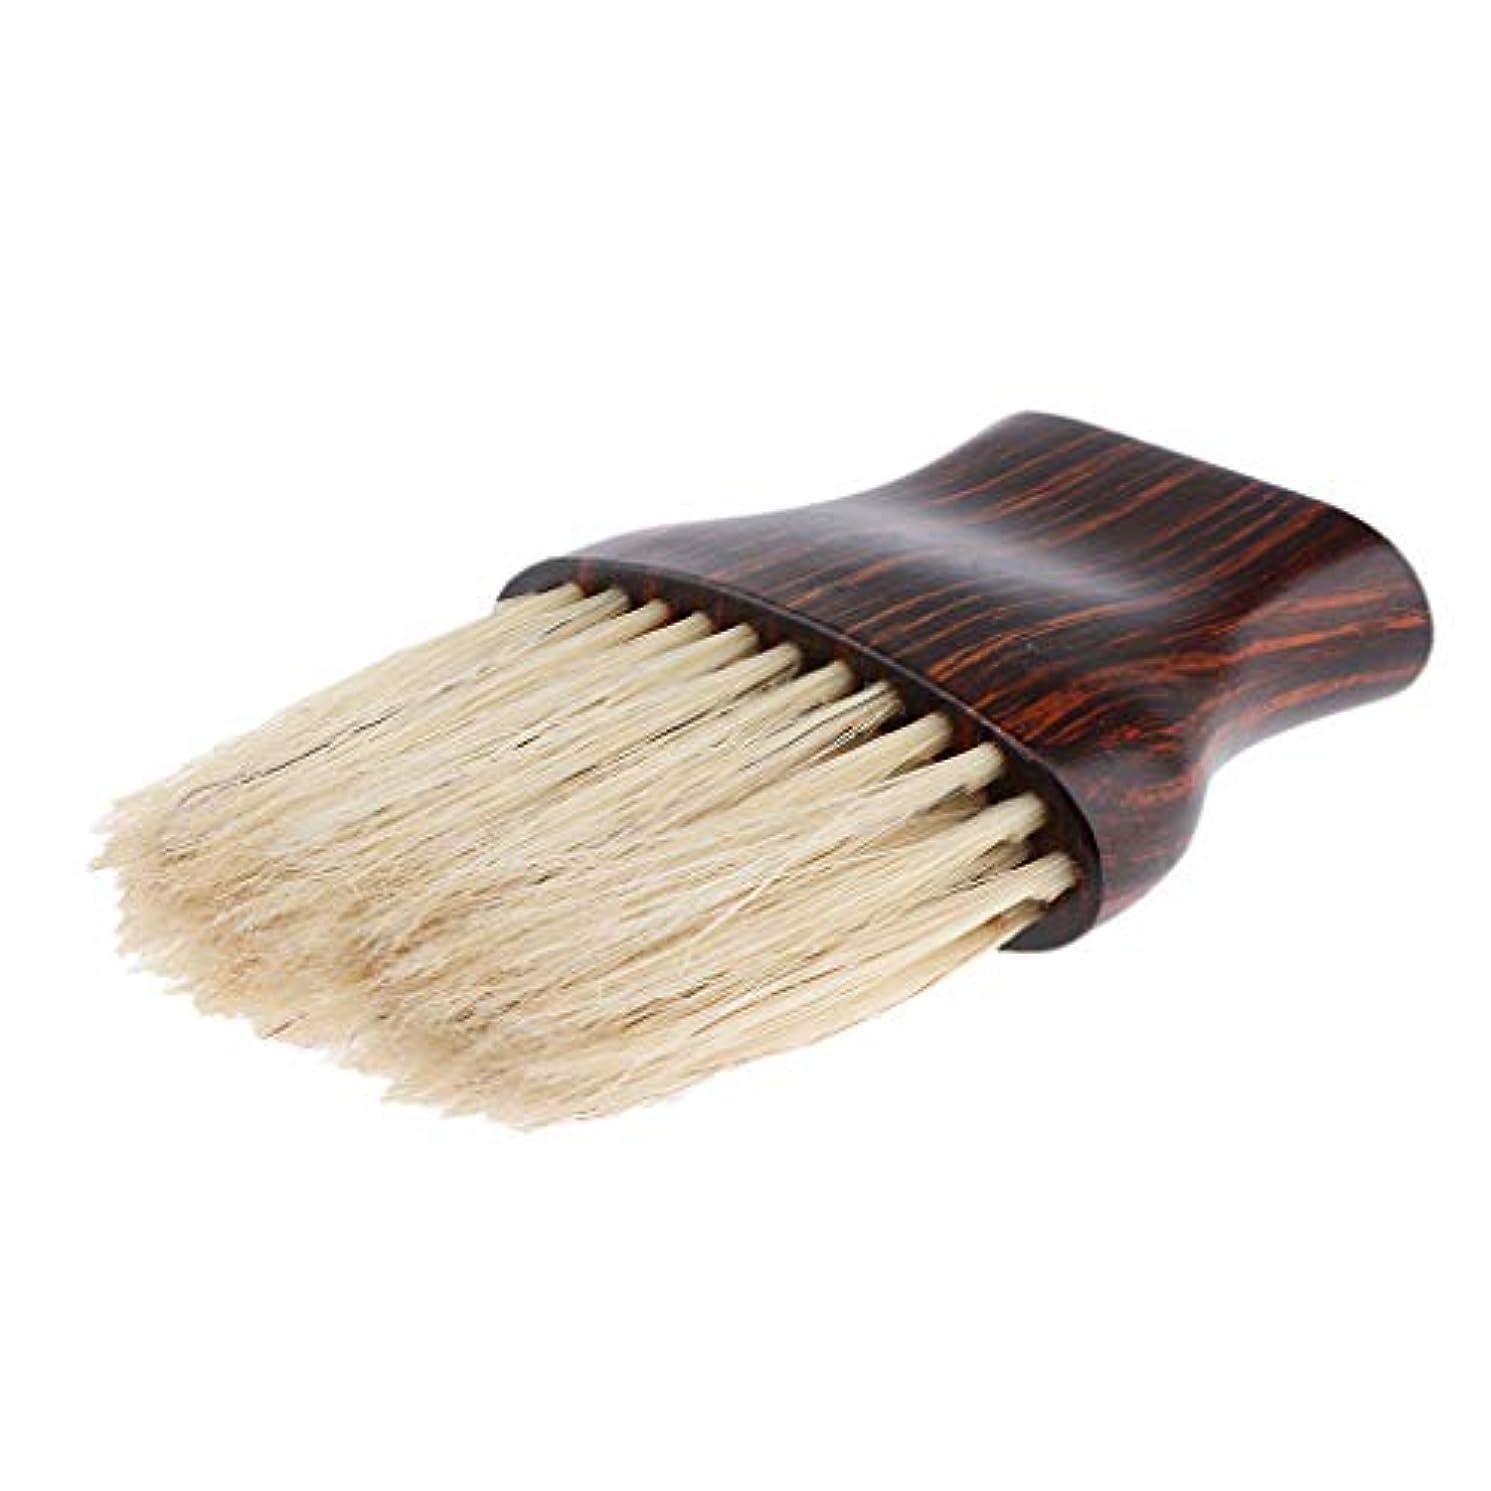 等しい不変憤るB Baosity ネックダスターブラシ 柔らかい繊維 ヘアブラシ 木製ハンドル 快適